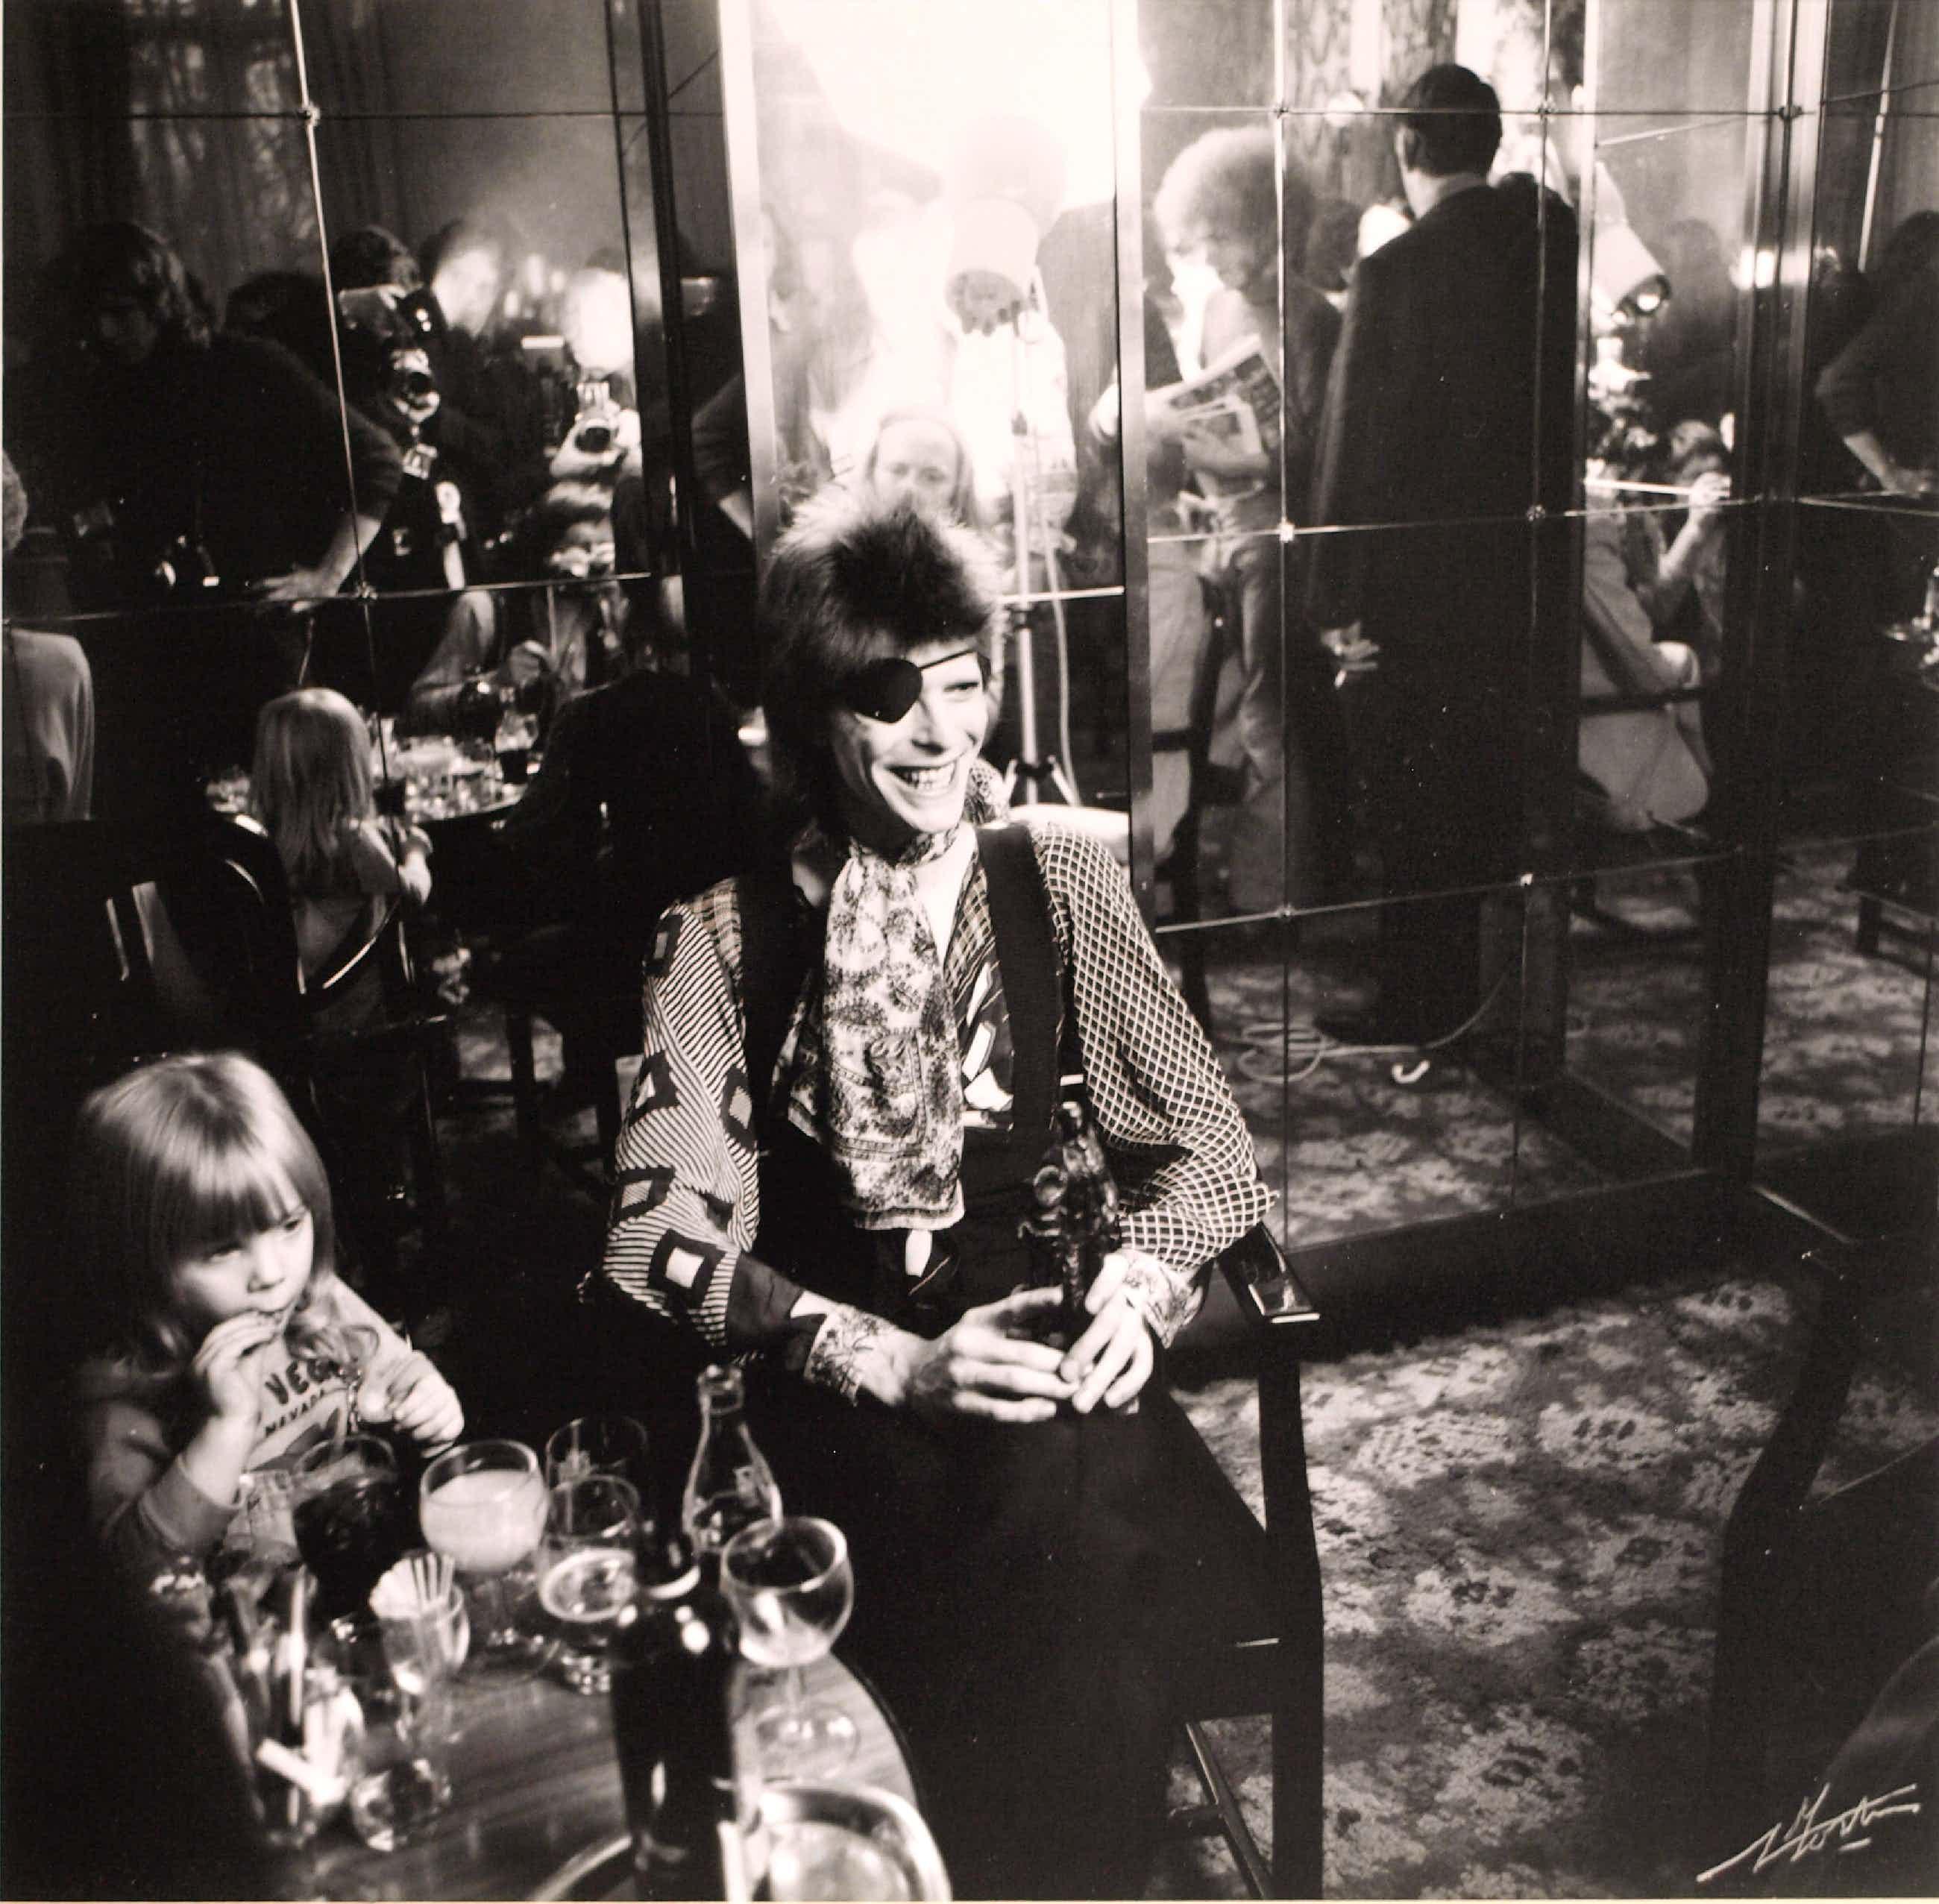 Nico Koster - David Bowie met zoon Duncan in het Amstel Hotel Amsterdam - 1973 - ingelijst kopen? Bied vanaf 297!